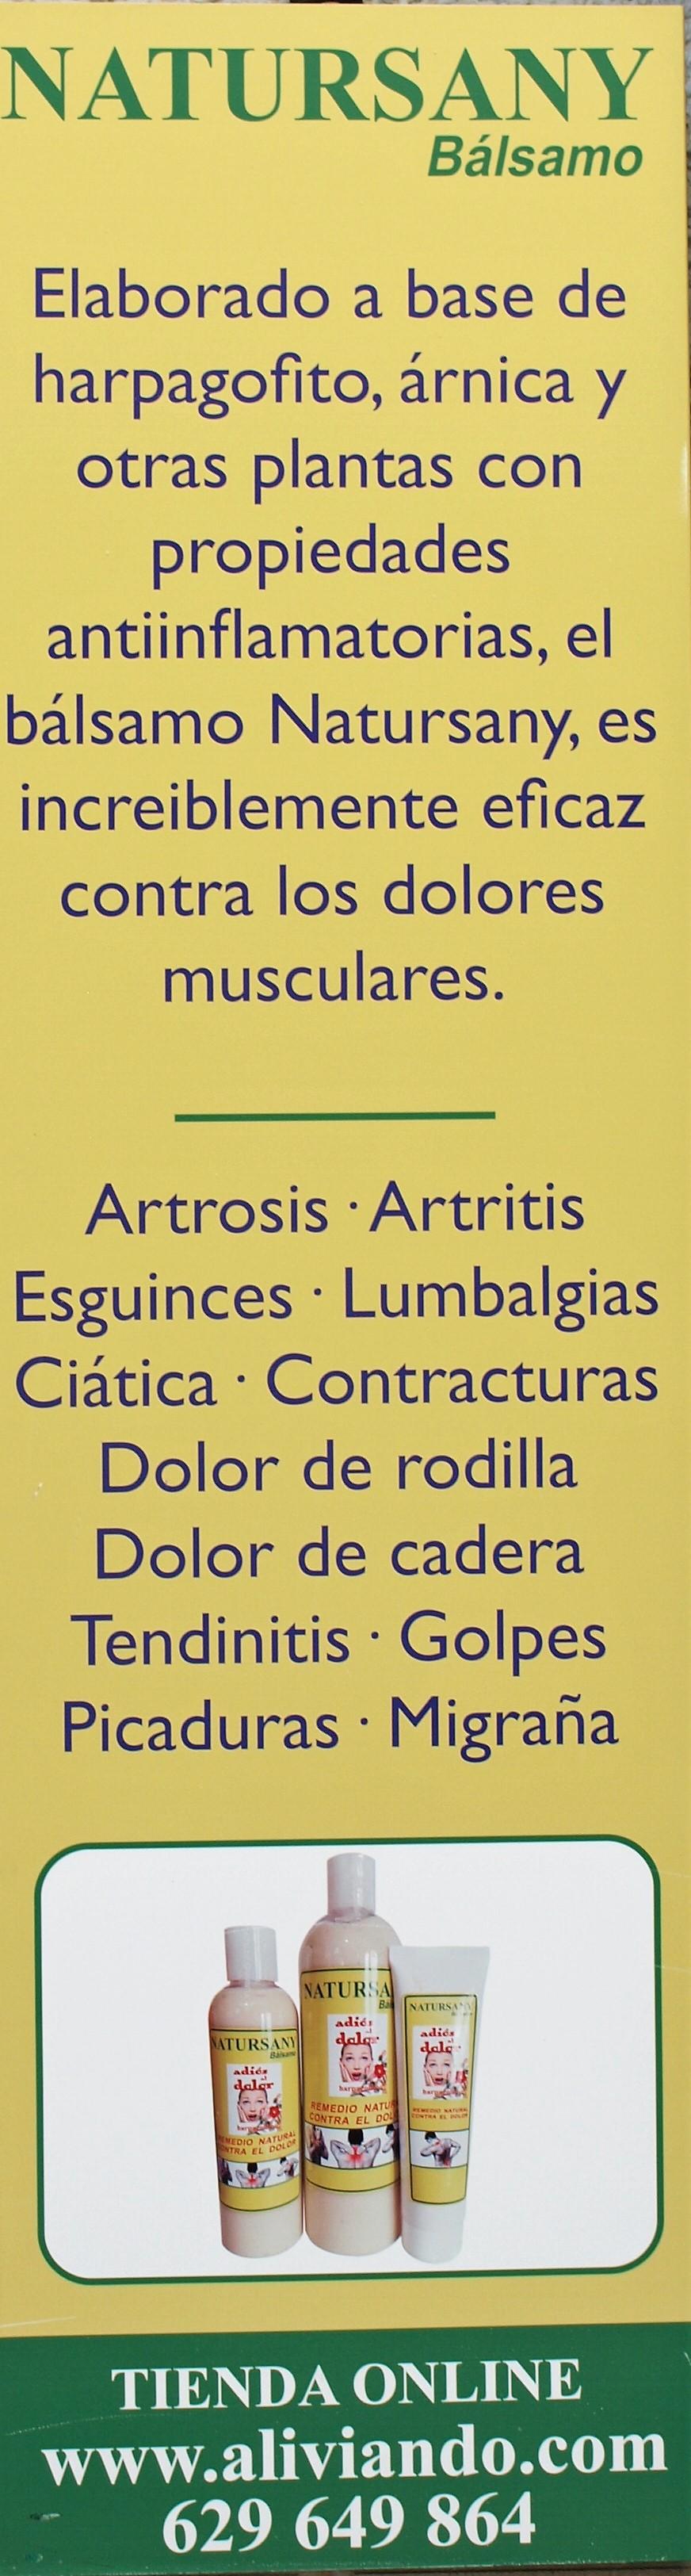 España Balsamo contra artritis, artrosis Natursany -Zafra